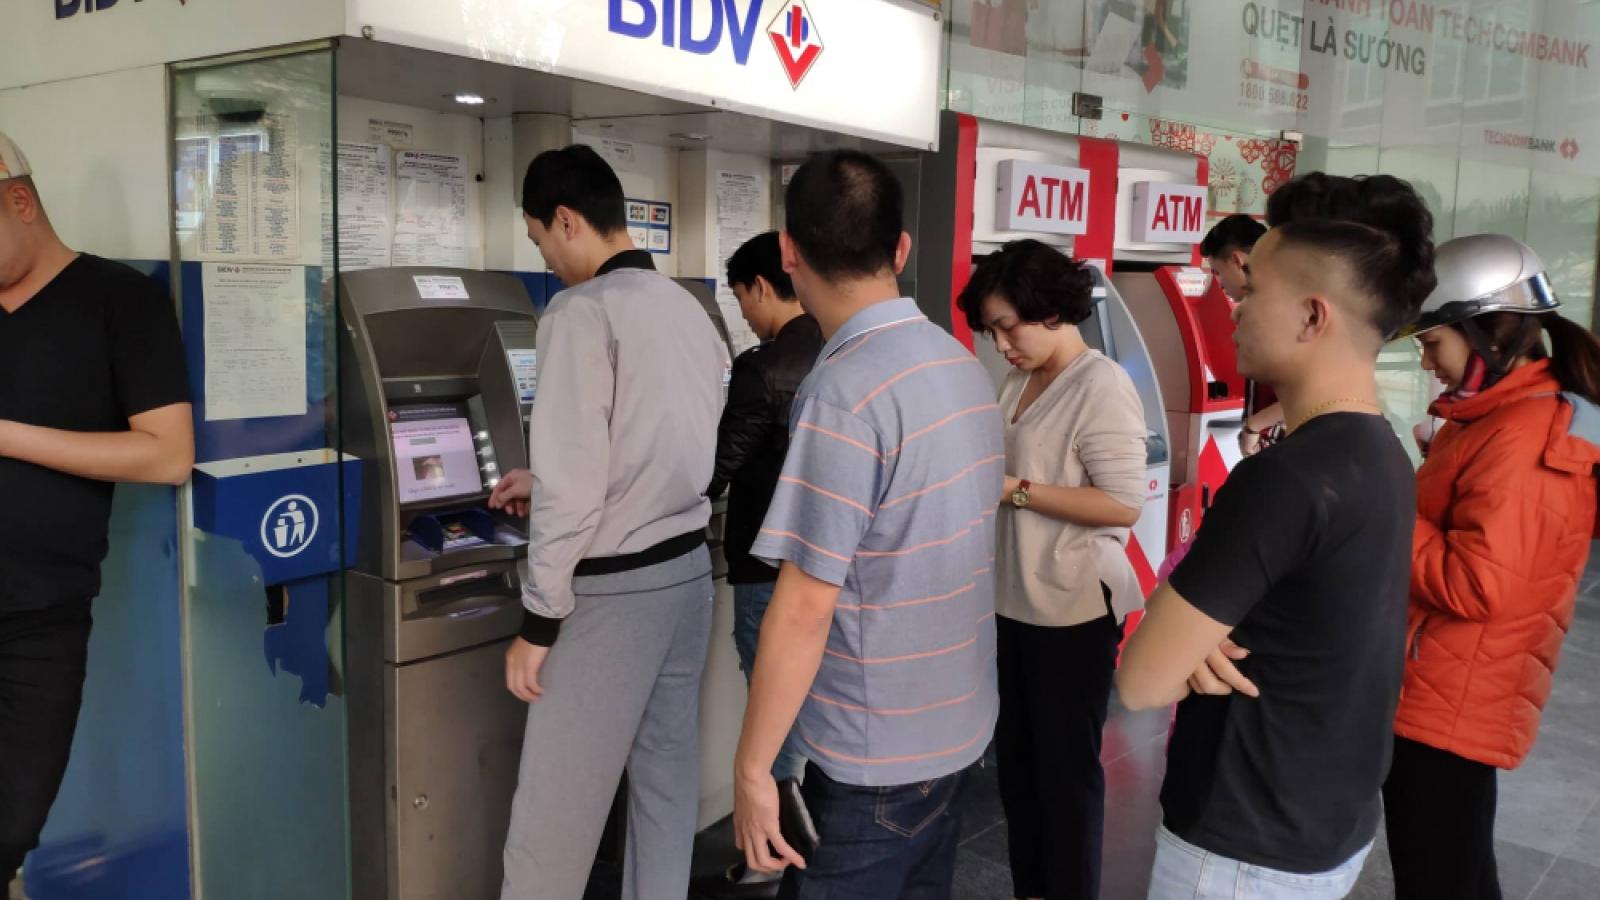 Đảm bảo an toàn hoạt động ngân hàng trong dịp Tết Nguyên đán